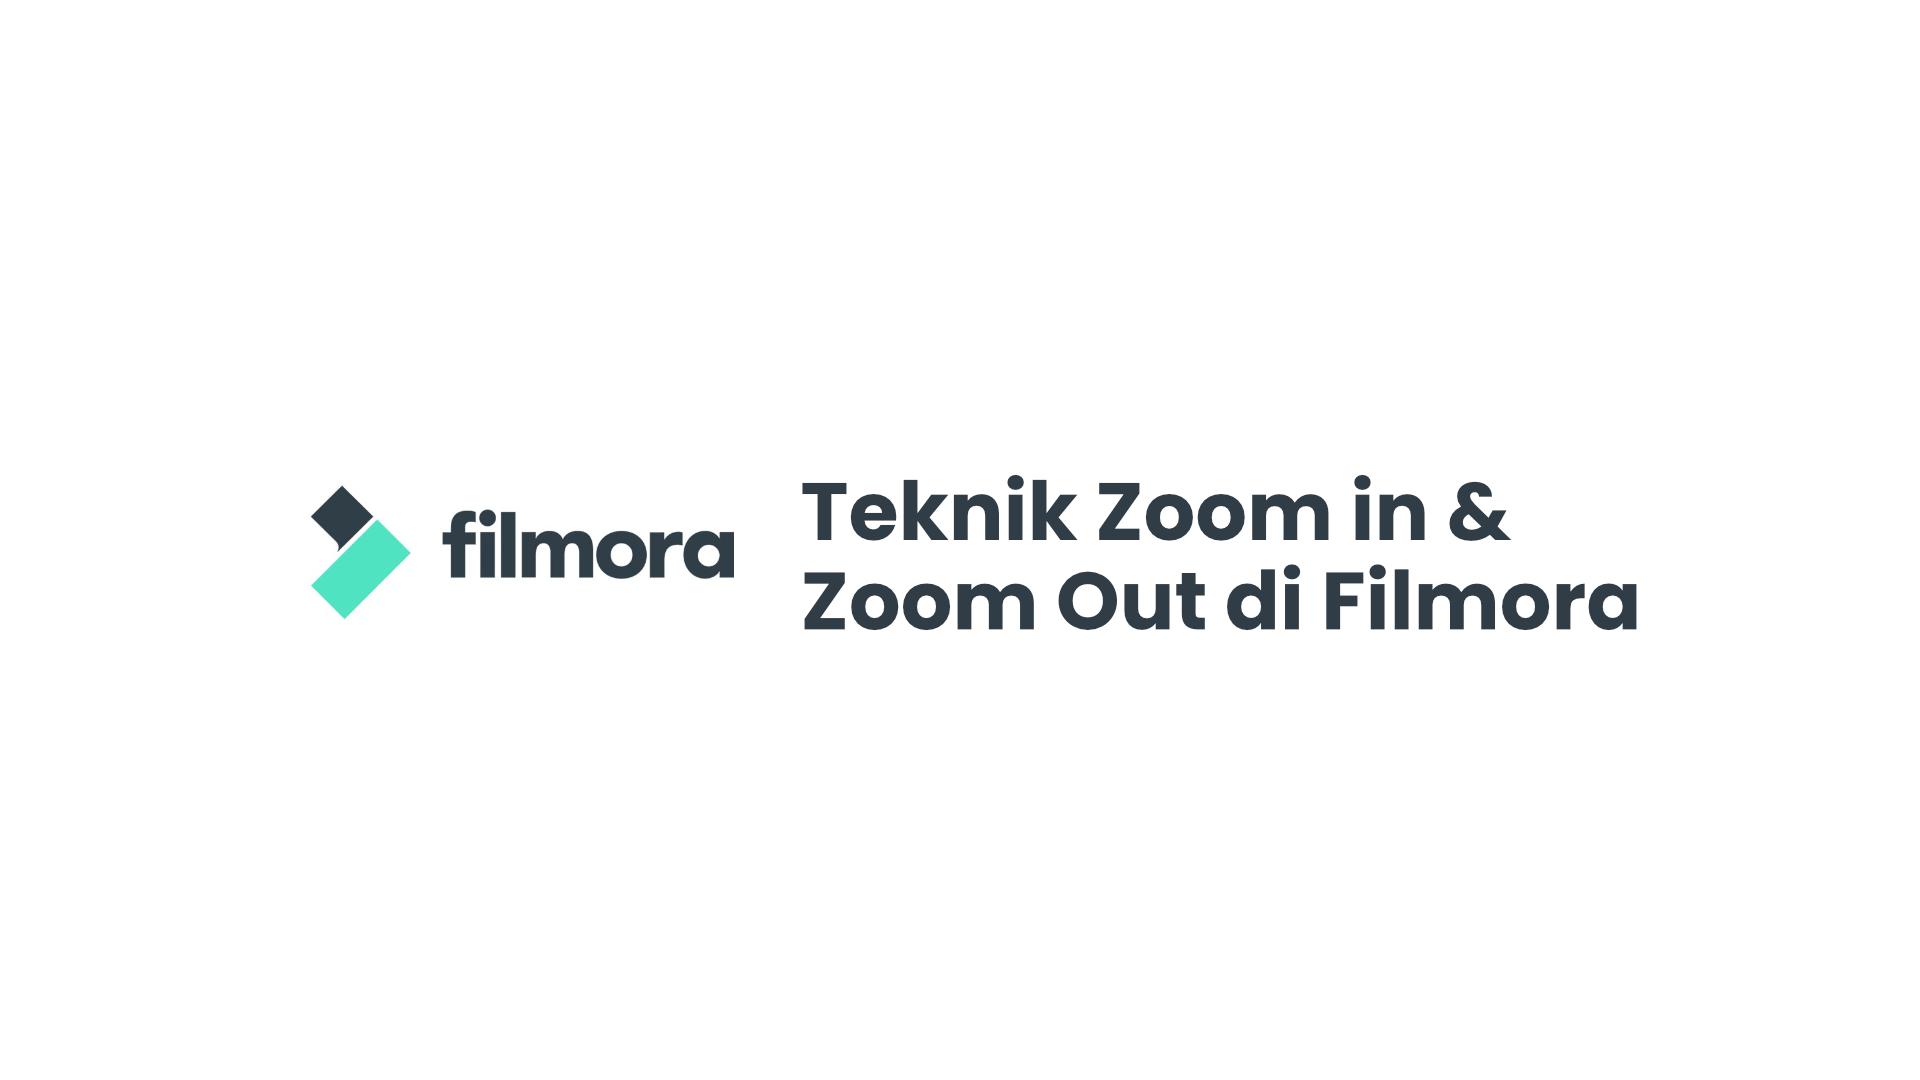 Teknik Zoom in & Out di Filmora